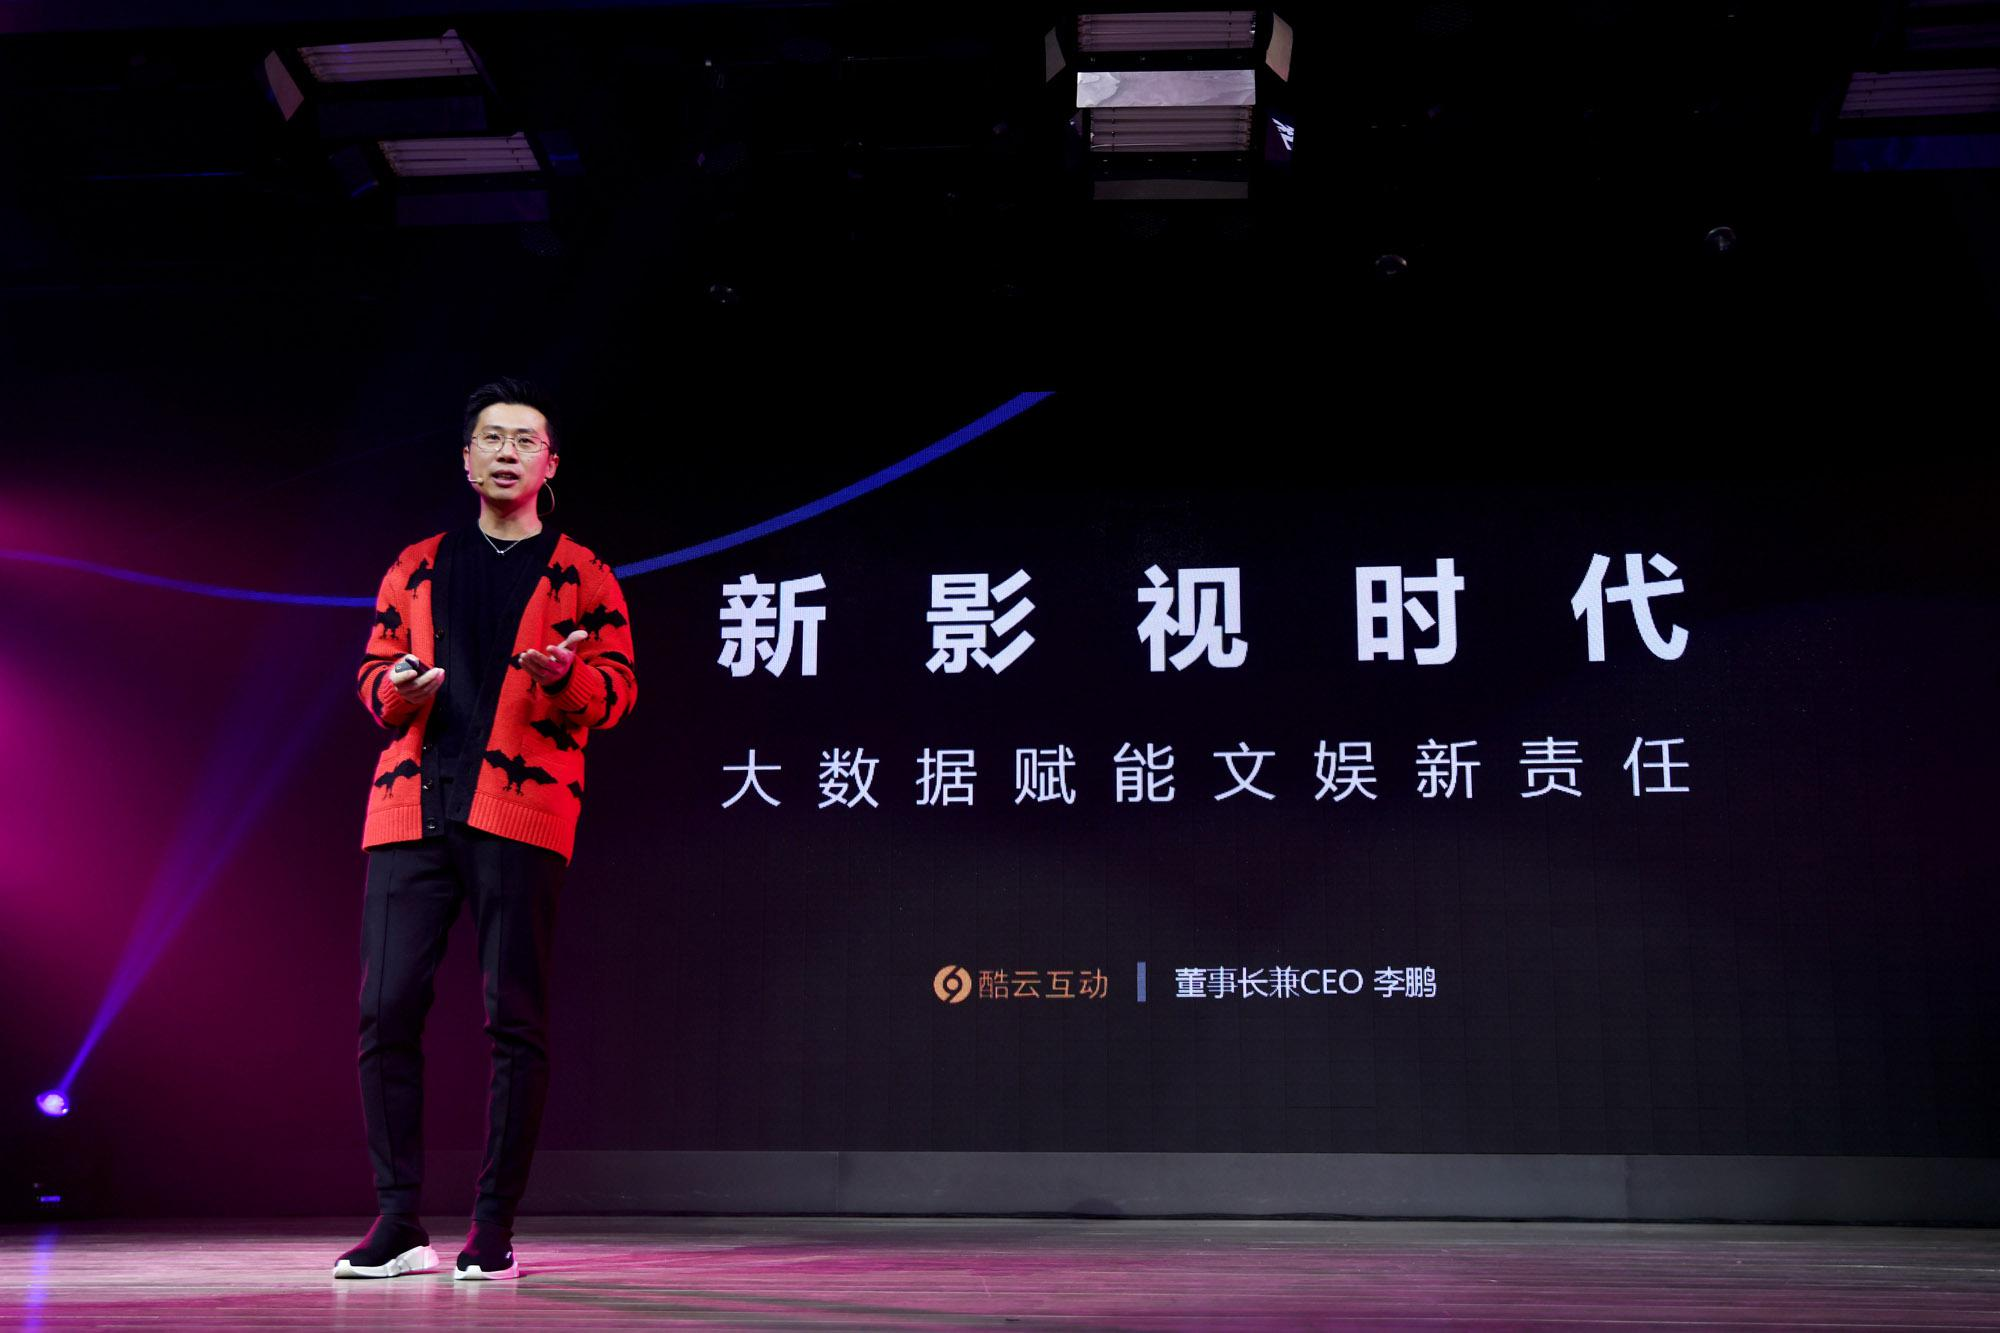 酷云互动CEO李鹏:区块链技术解决了数据的安全对接